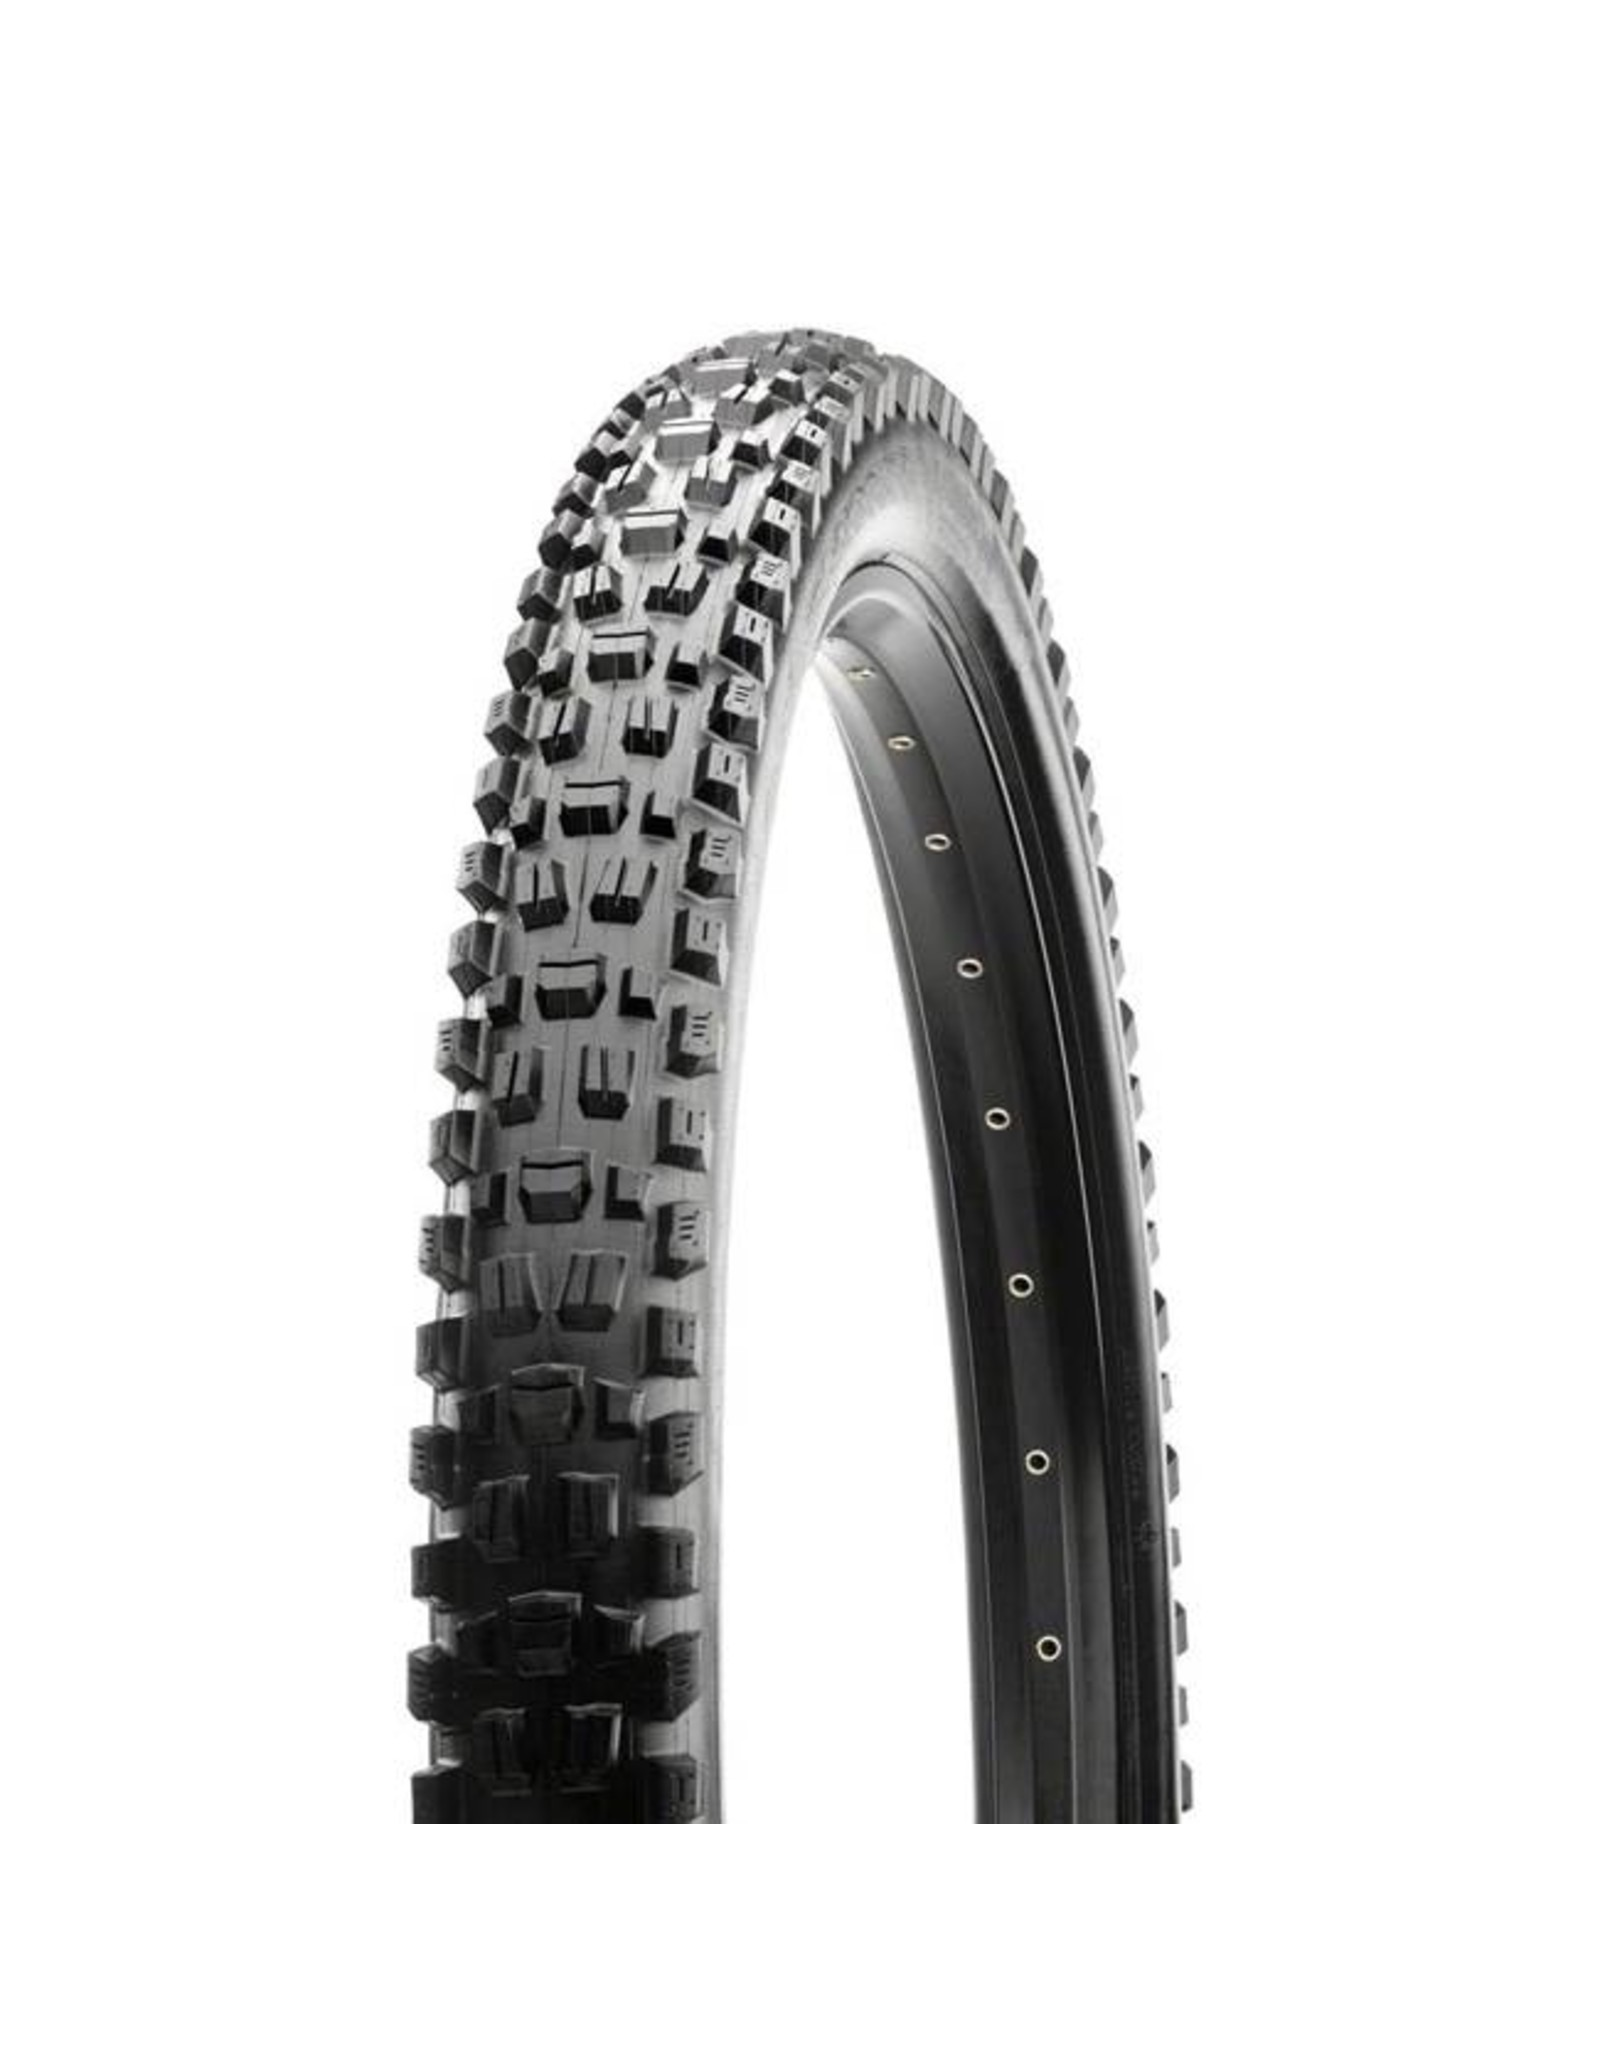 """Maxxis Maxxis Assegai Tire: 29 x 2.50"""", Folding, 60tpi, 3C MaxxGrip, Tubeless Ready, Wide Trail, Black"""